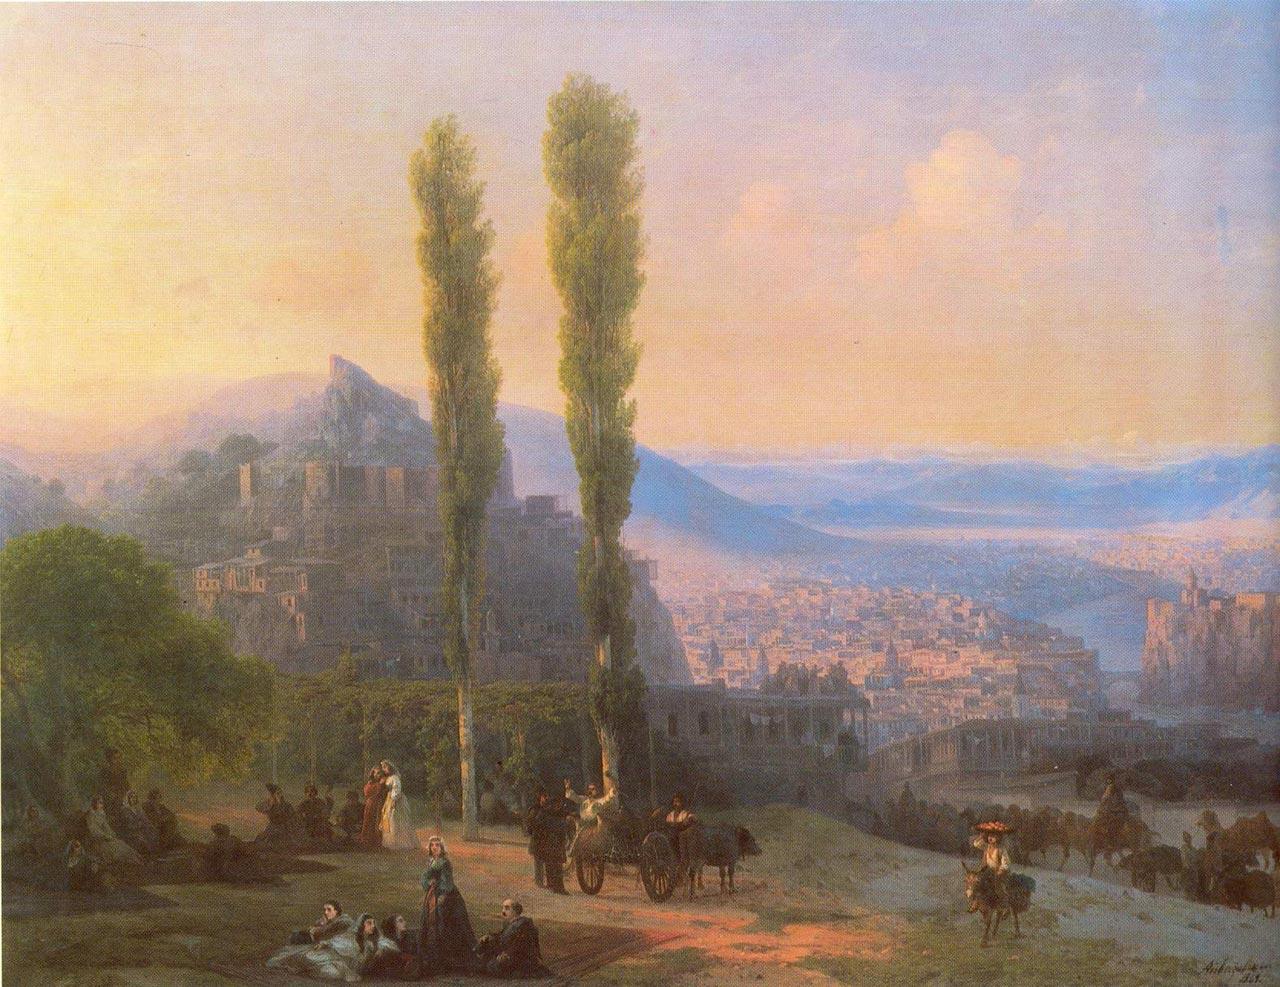 Айвазовский картина 1869г 'Вид Тифлиса'.  Ставрополь.